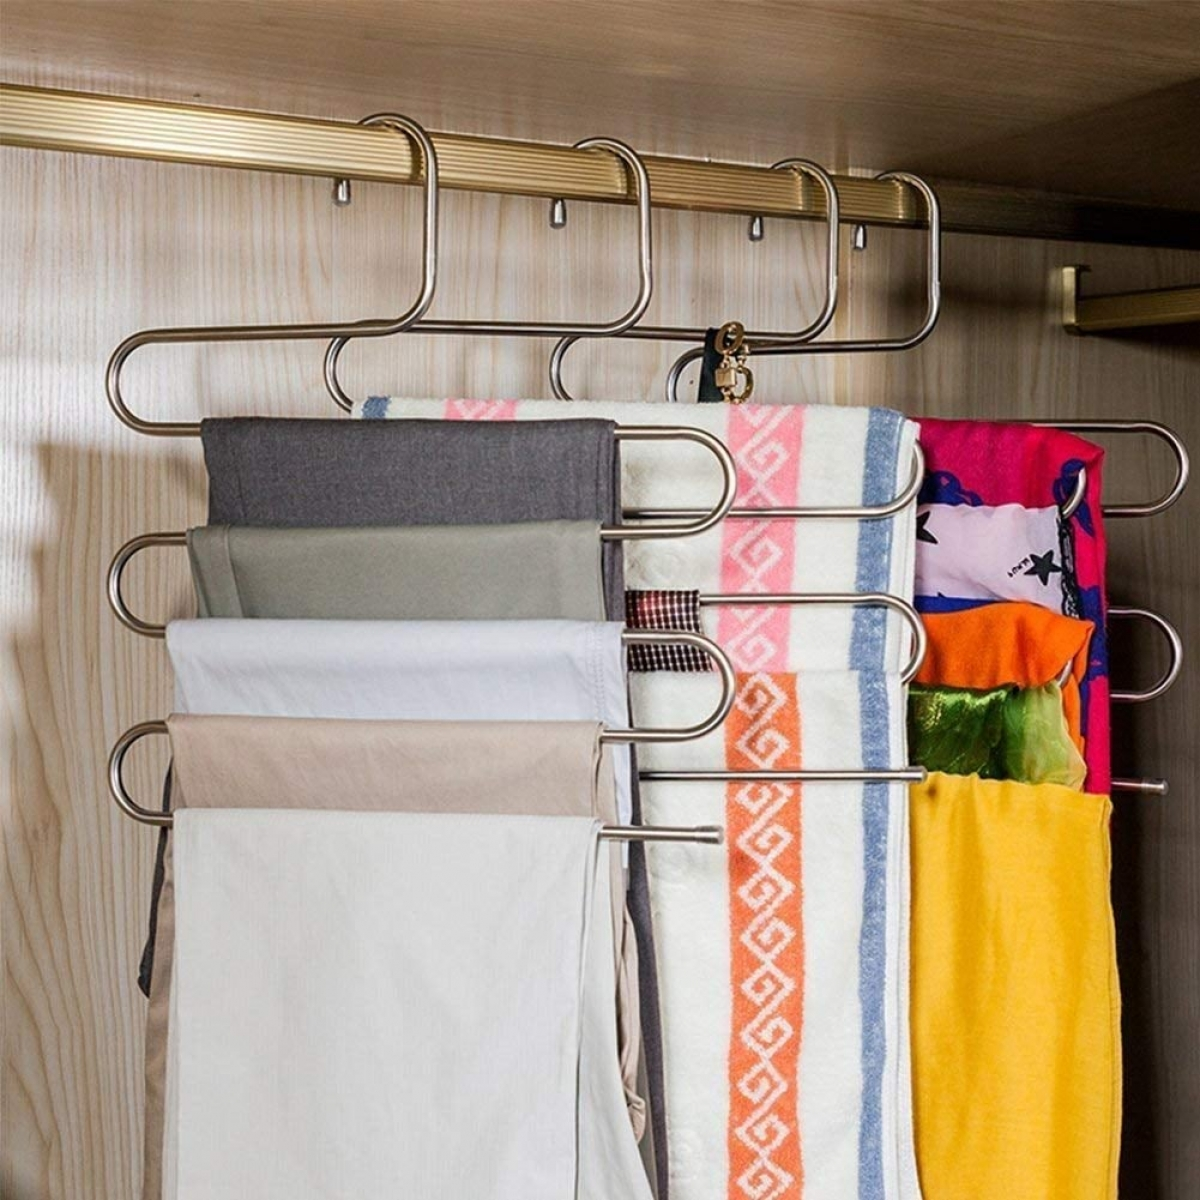 Những chiếc móc uốn cong này rất tiện lợi để bạn có thể treo quần, khăn mà không chiếm quá nhiều diện tích trong tủ quần áo.